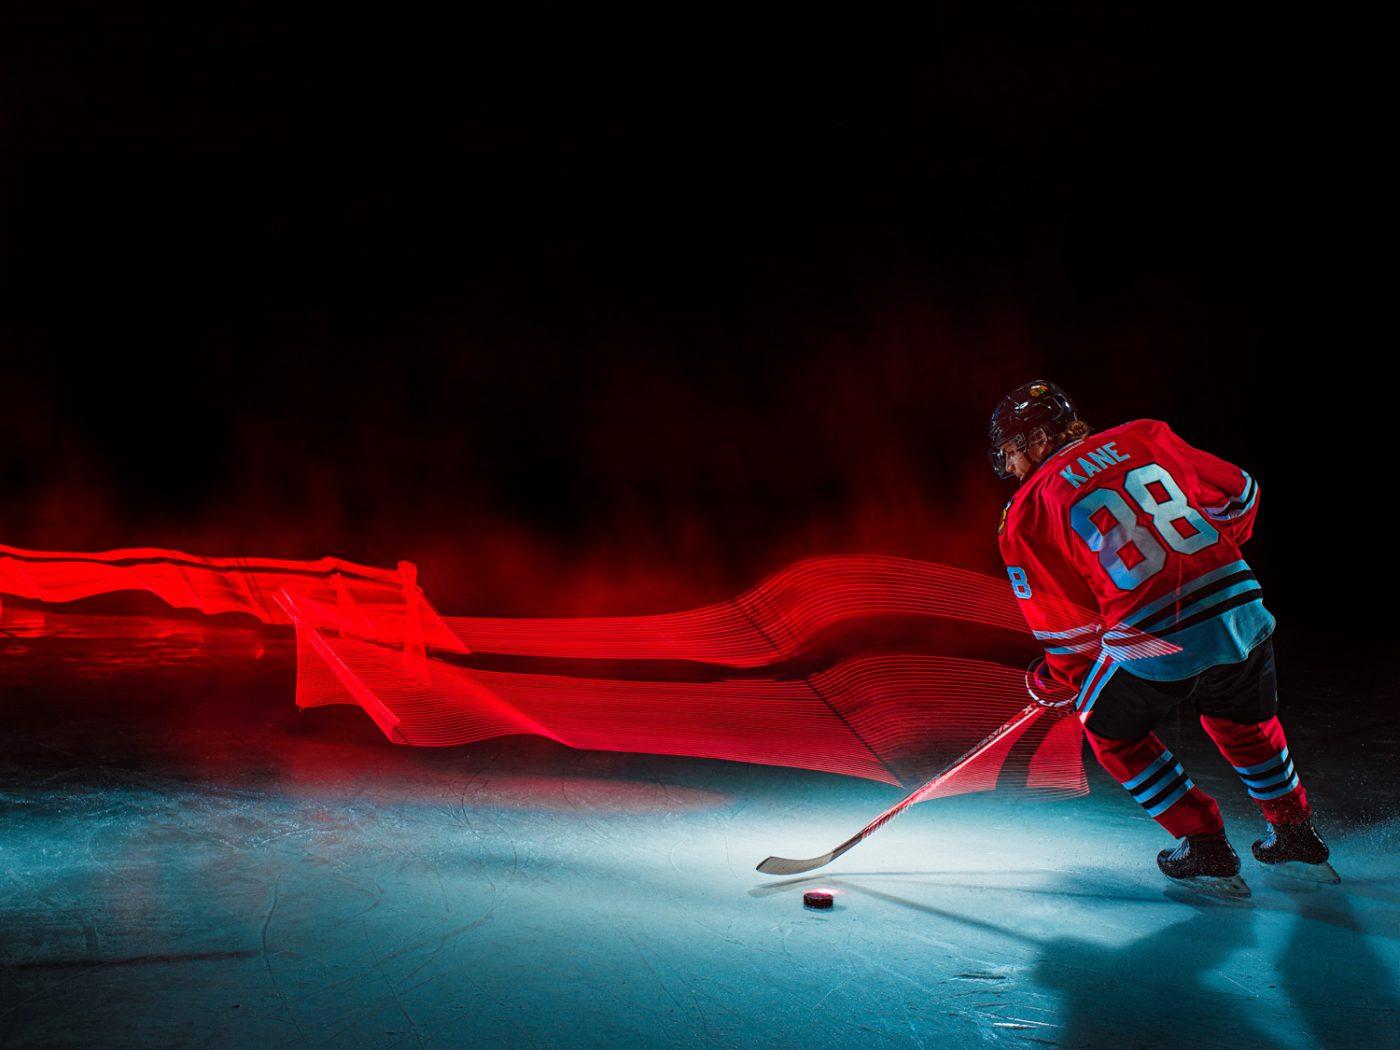 гасим хоккей с картинками этого